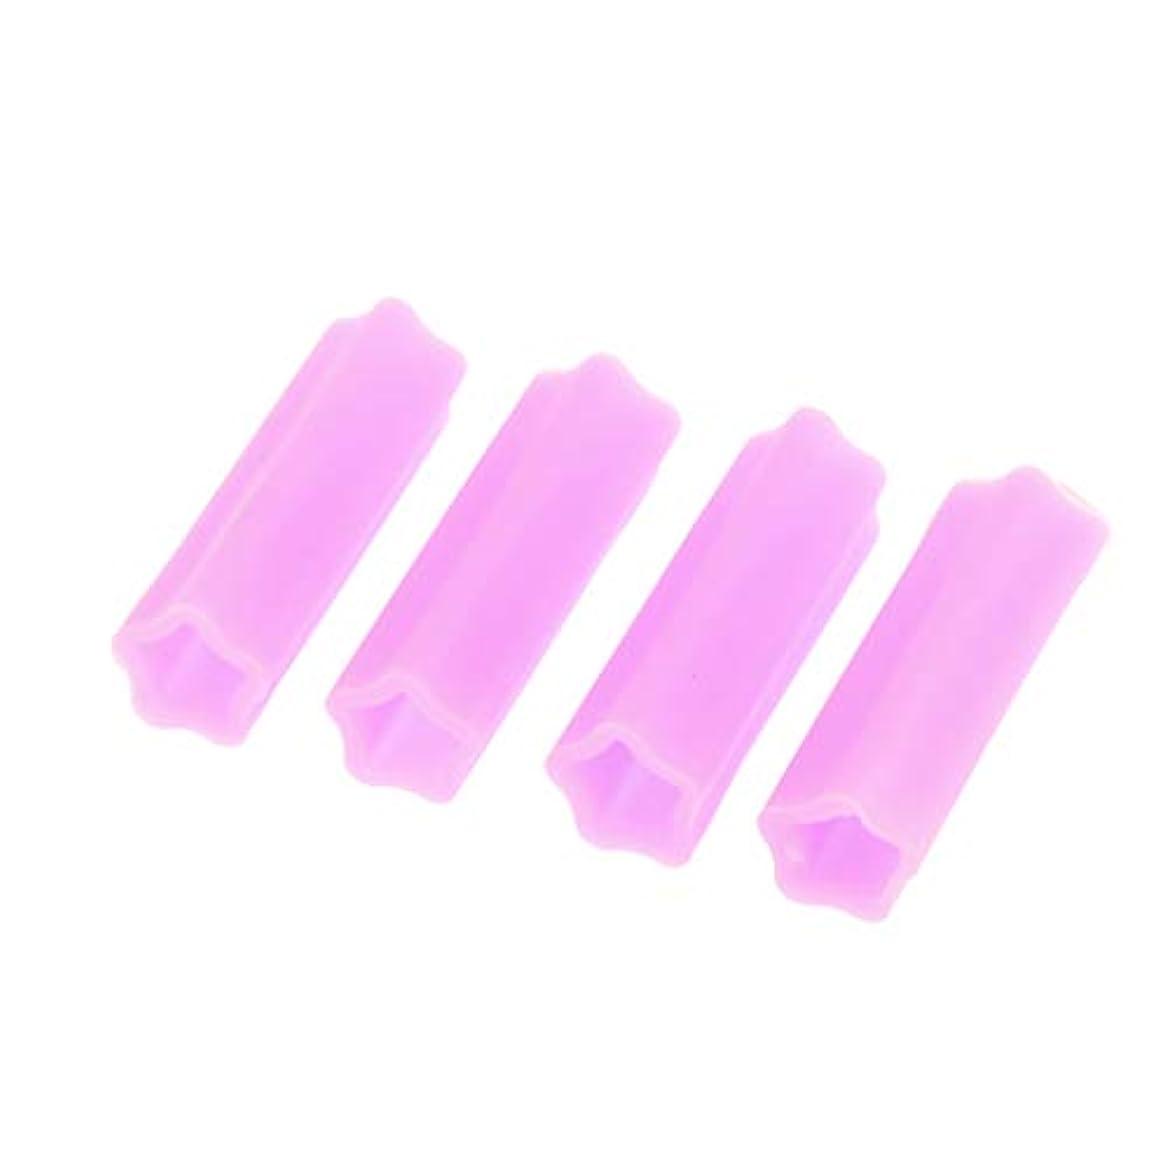 弱まるけん引役員キューティクルニッパー保護カバー アクリルネイル用ツール ネイル道具 ケアツール 4個入り 全5色 - 紫の